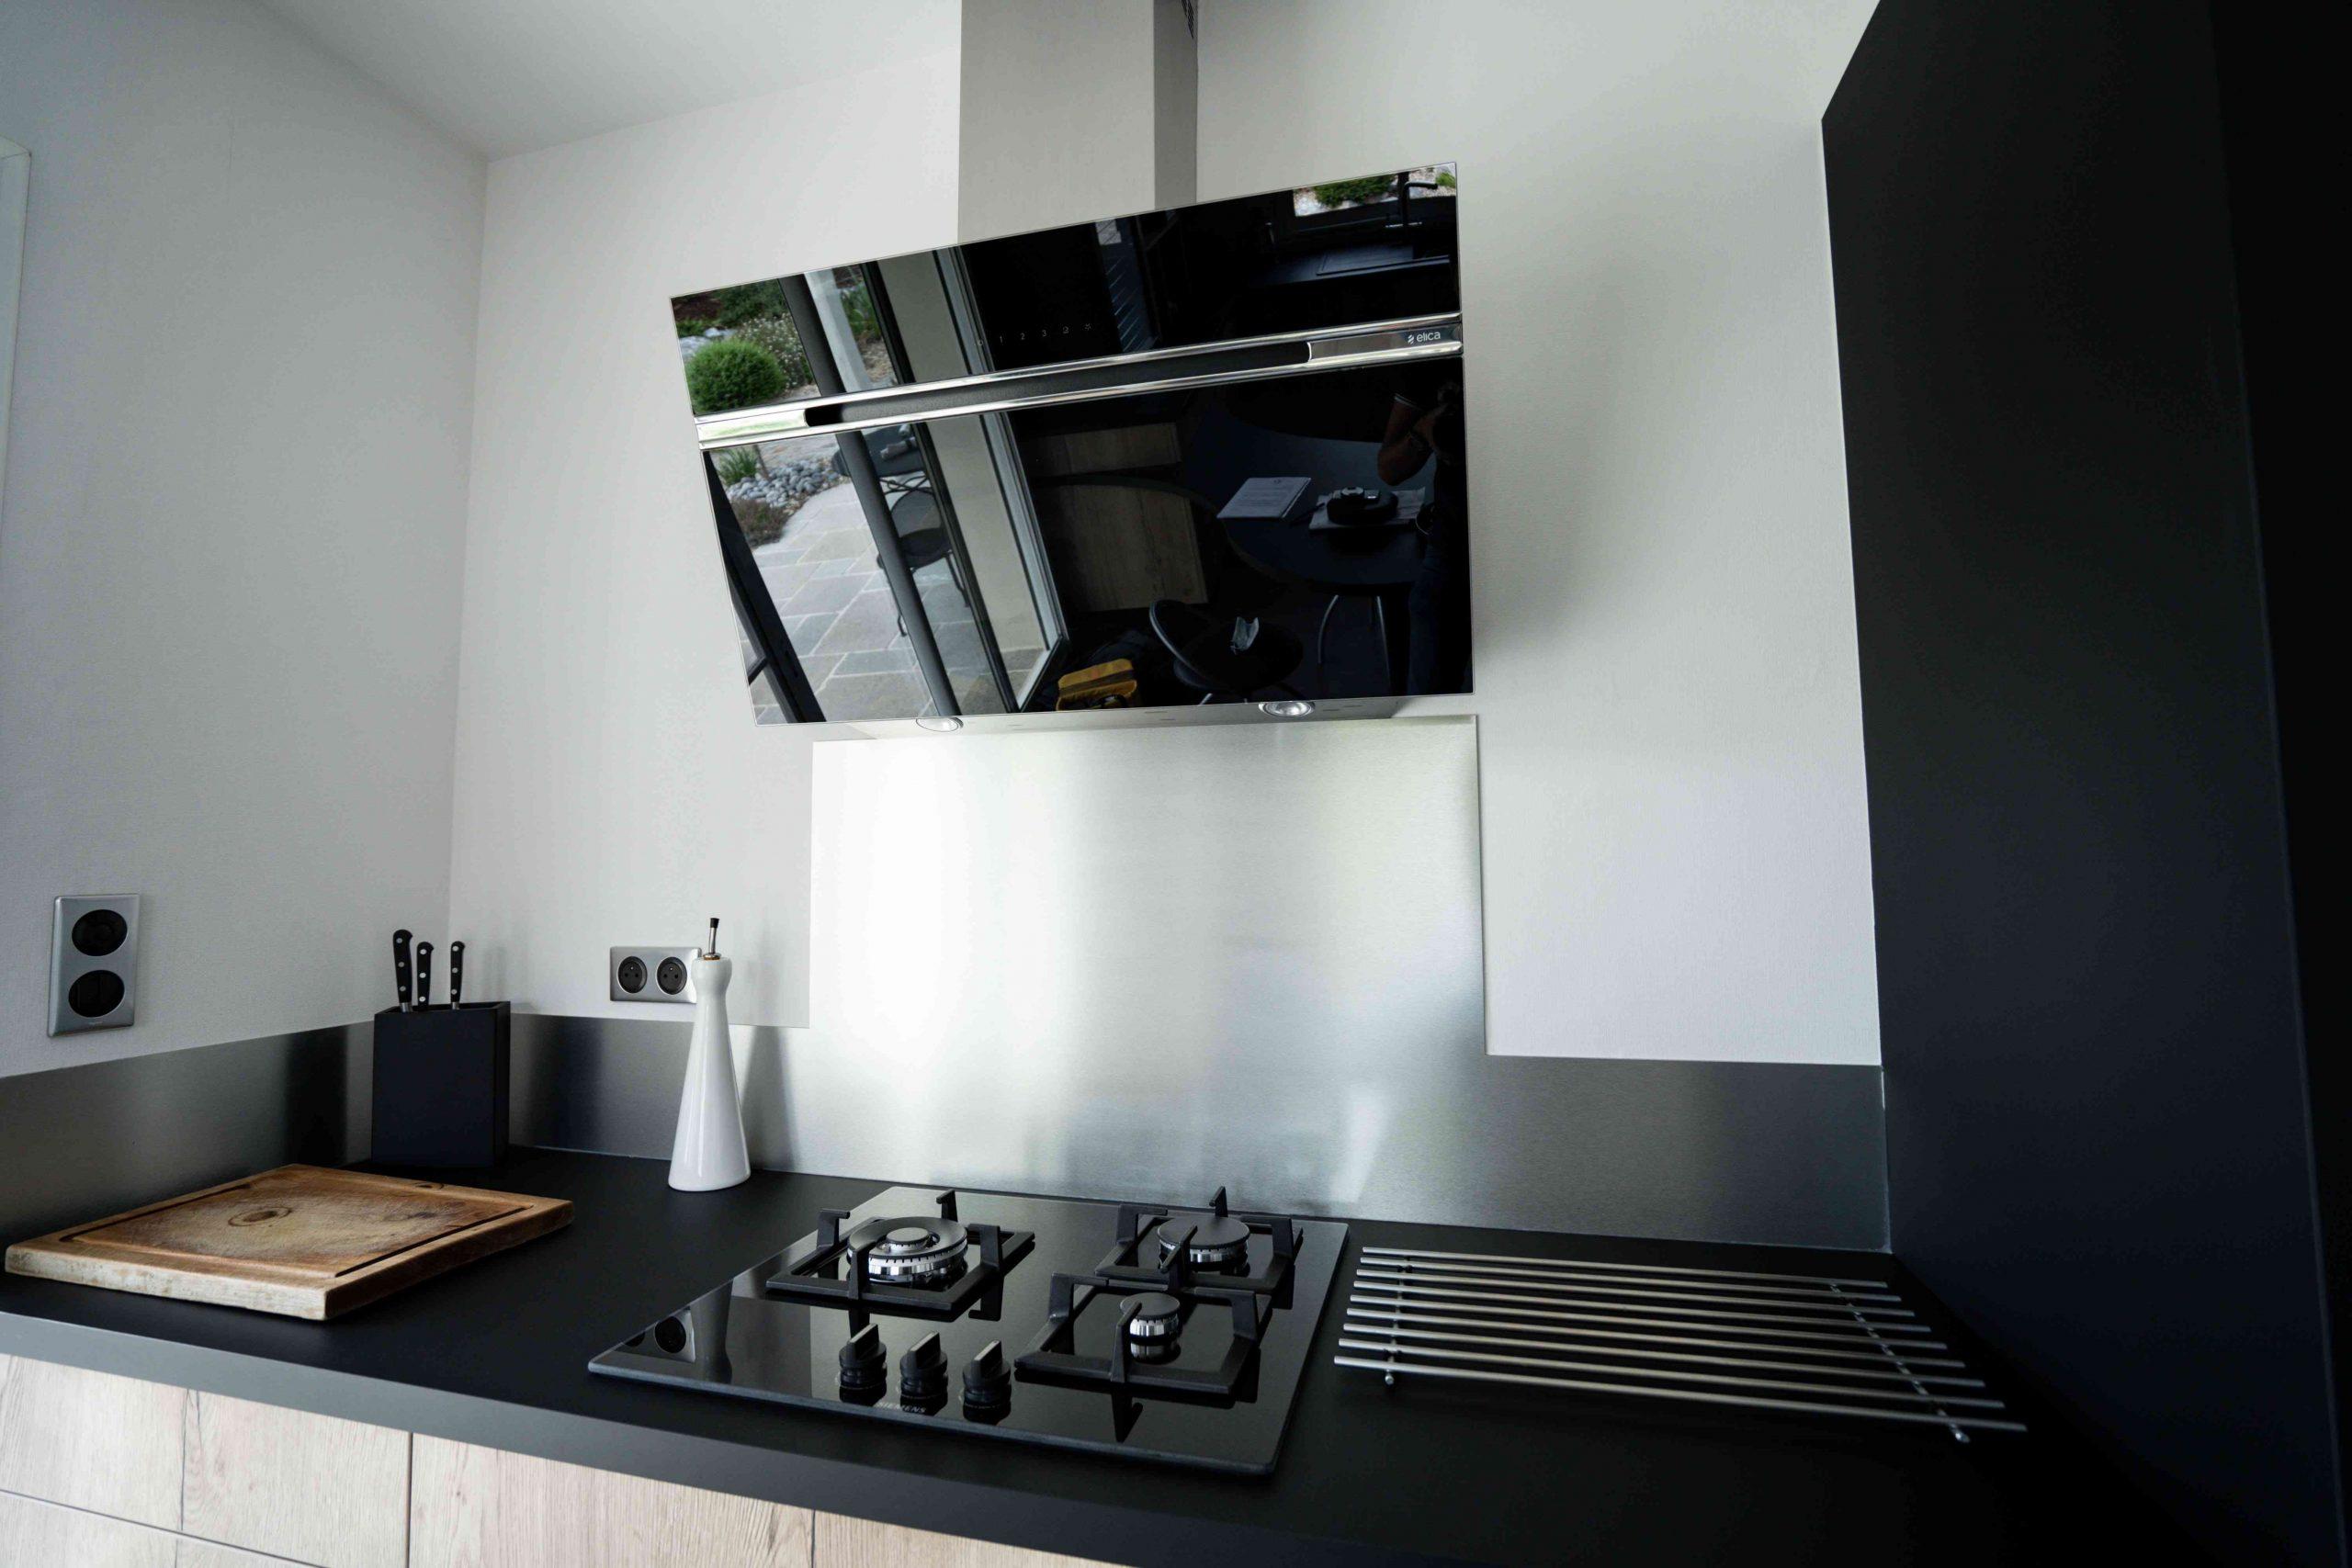 RDI01263 scaled - Cuisine noir et chêne avec table de repas arrondie